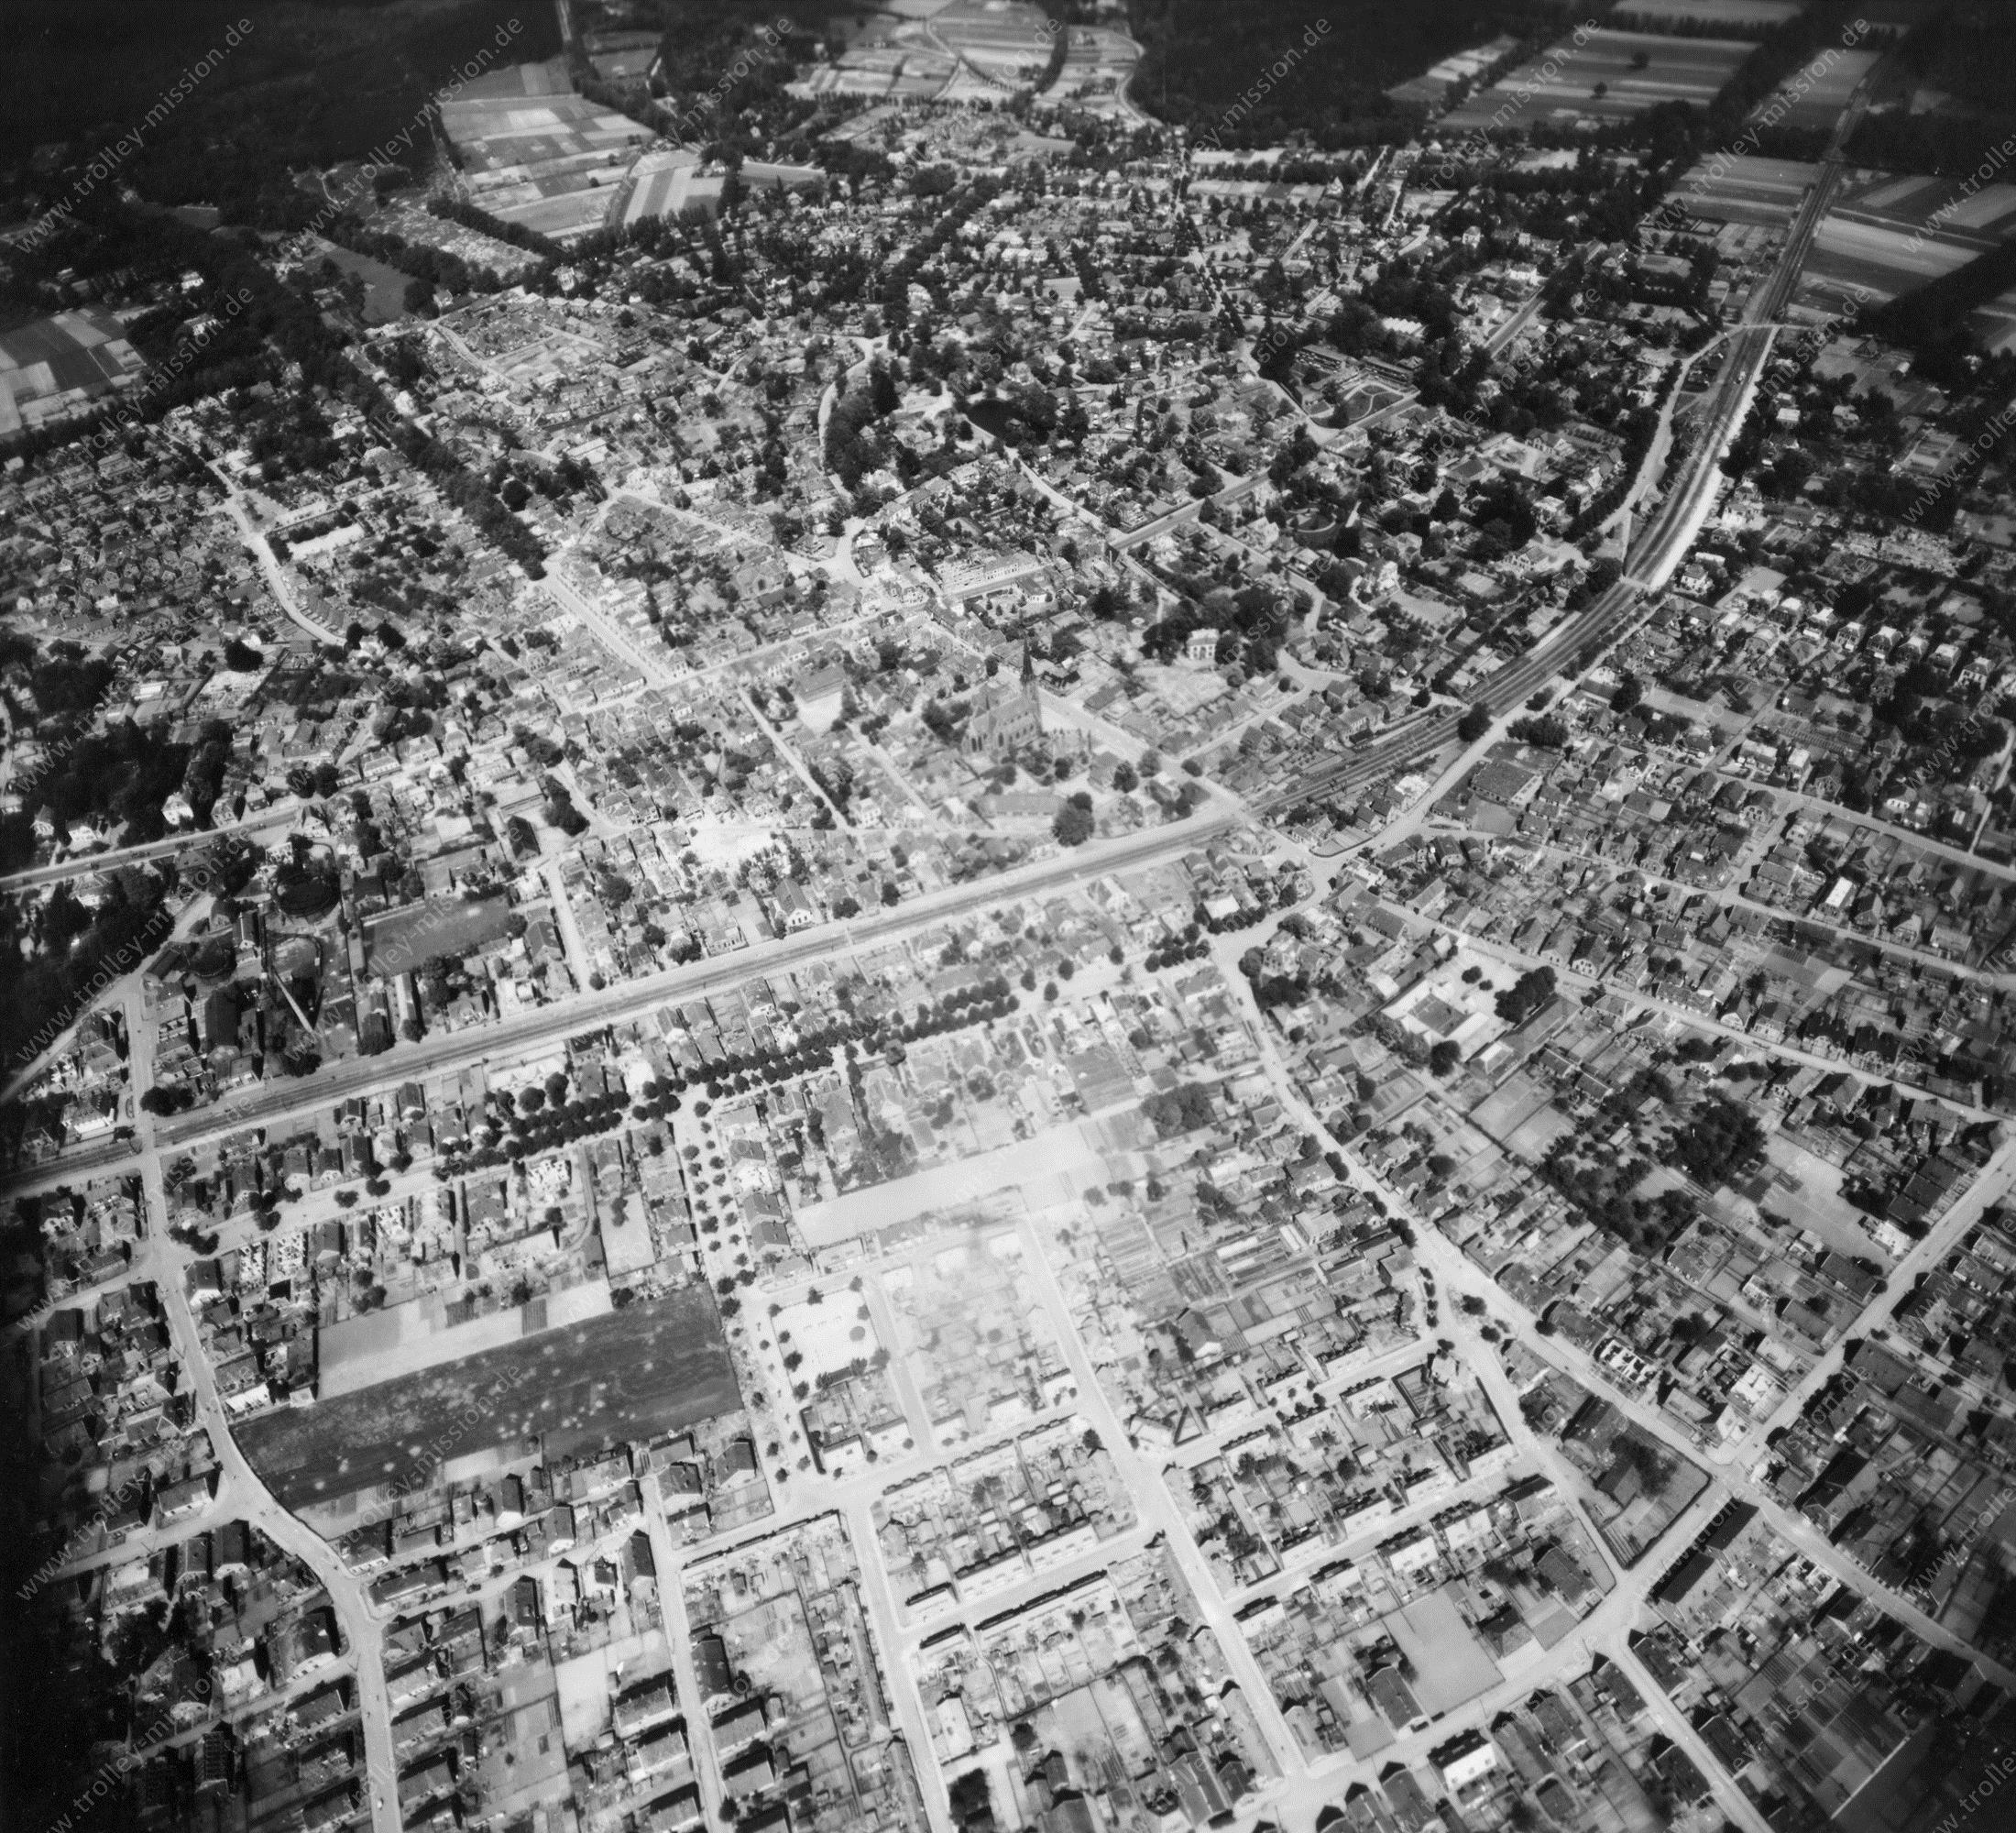 Velp (Gelderland) in de Tweede Wereldoorlog - Luchtopname 3/5 op 12 mei 1945